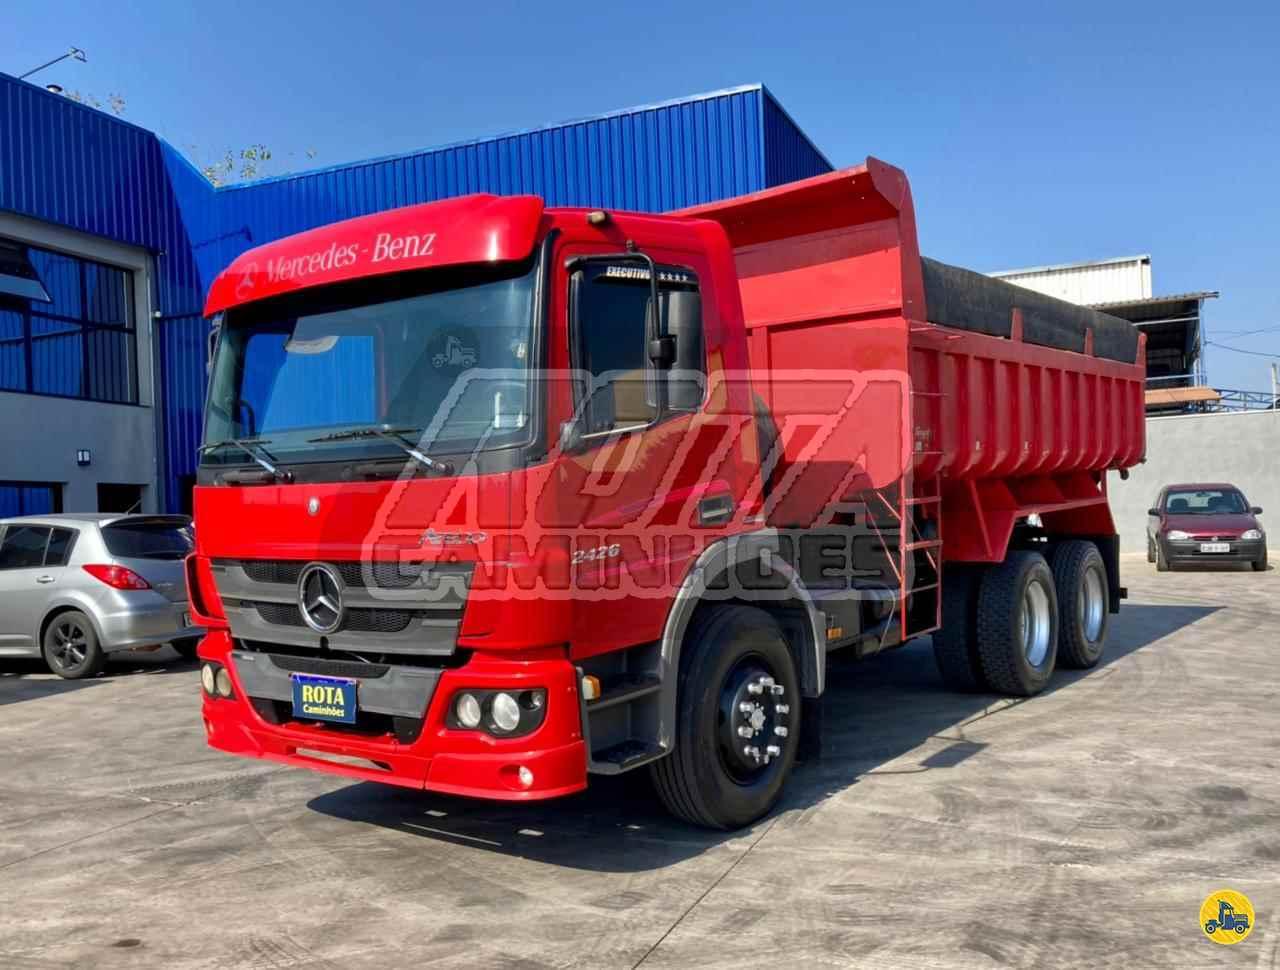 CAMINHAO MERCEDES-BENZ MB 2426 Caçamba Basculante Truck 6x2 Rota Caminhões SUMARE SÃO PAULO SP